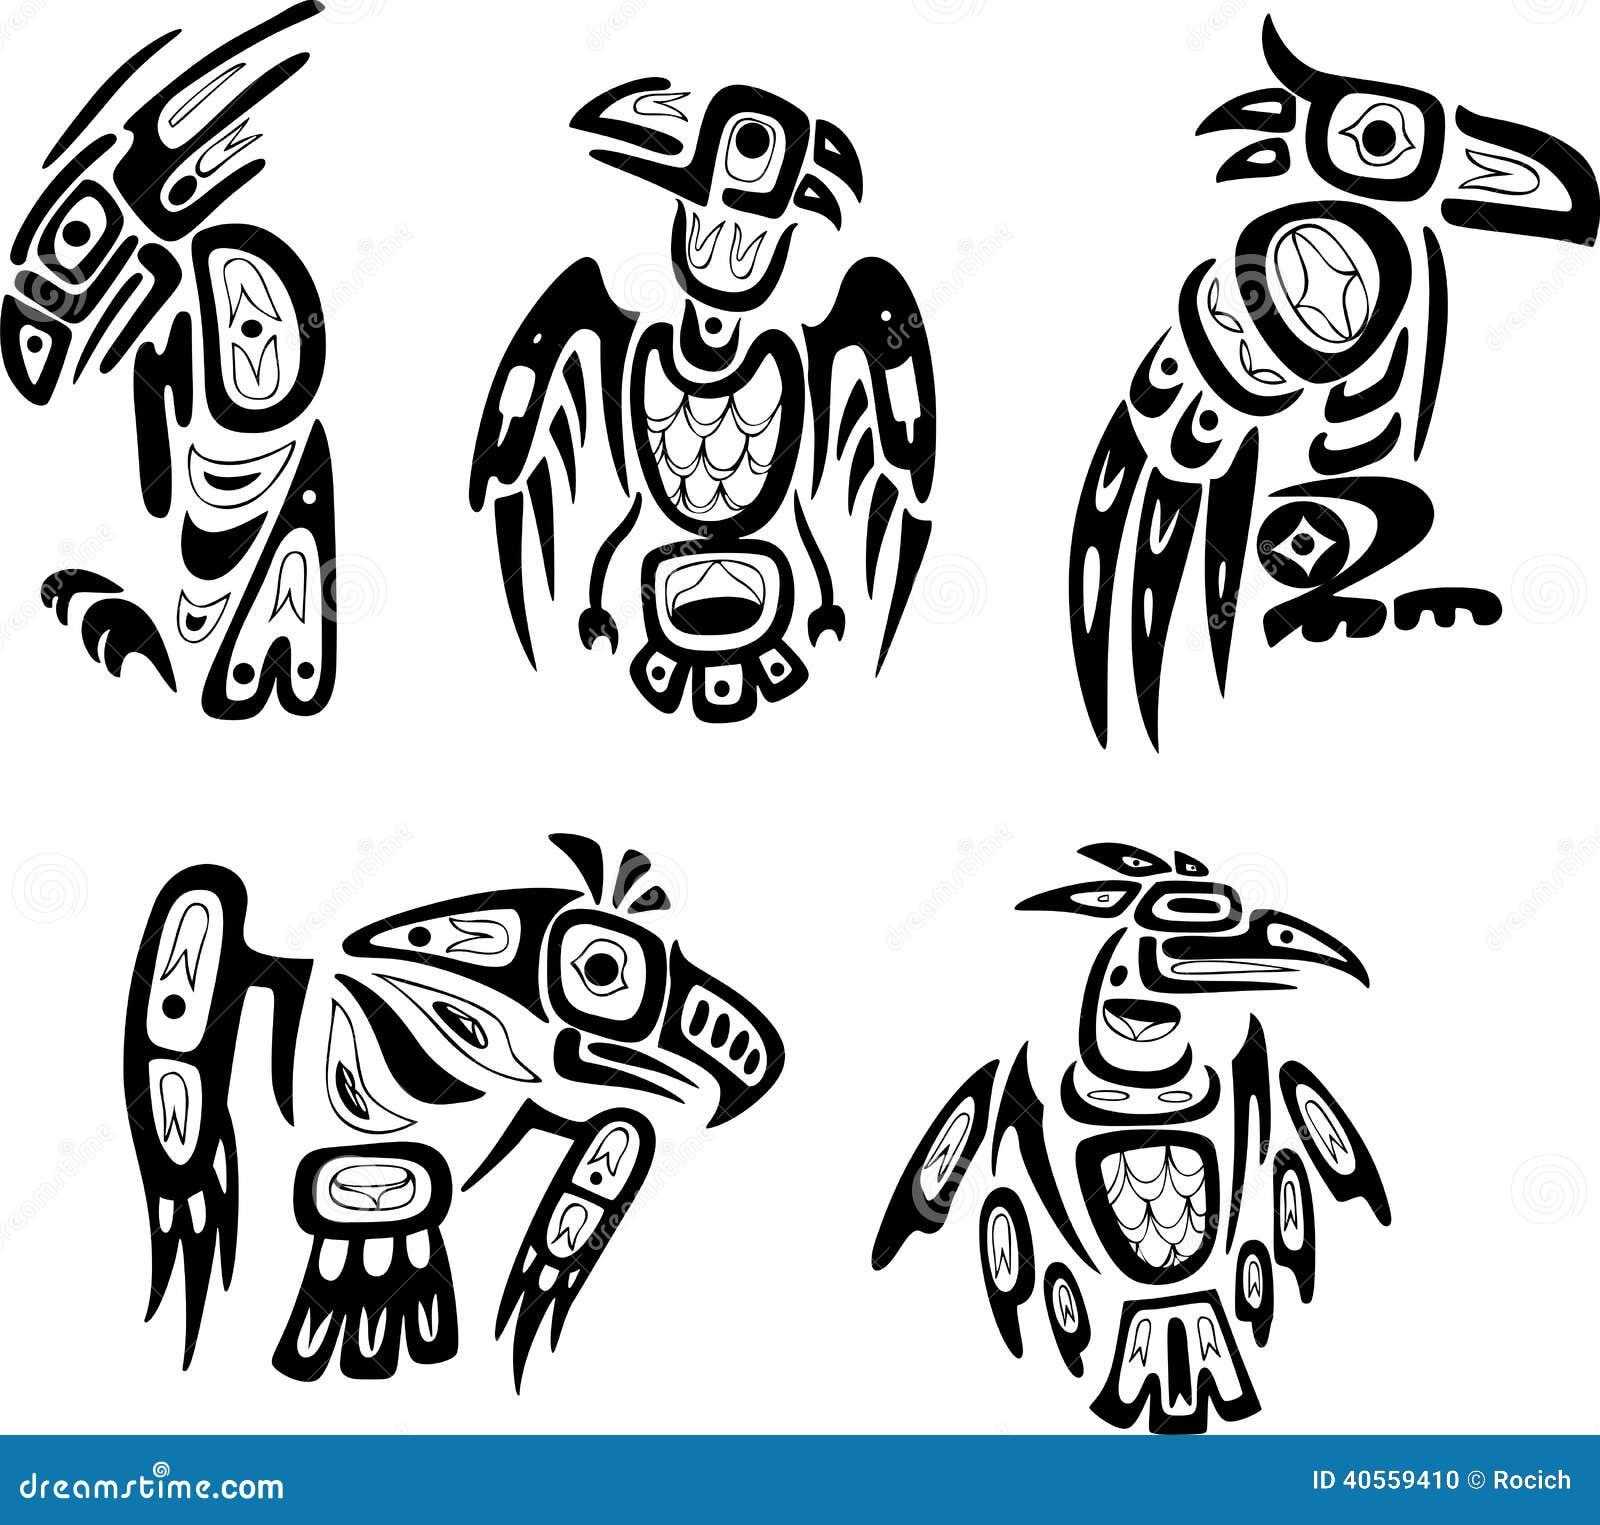 Desenhos Tribais Do Shoshone Indiano Nativo Aguias Ilustracao Do